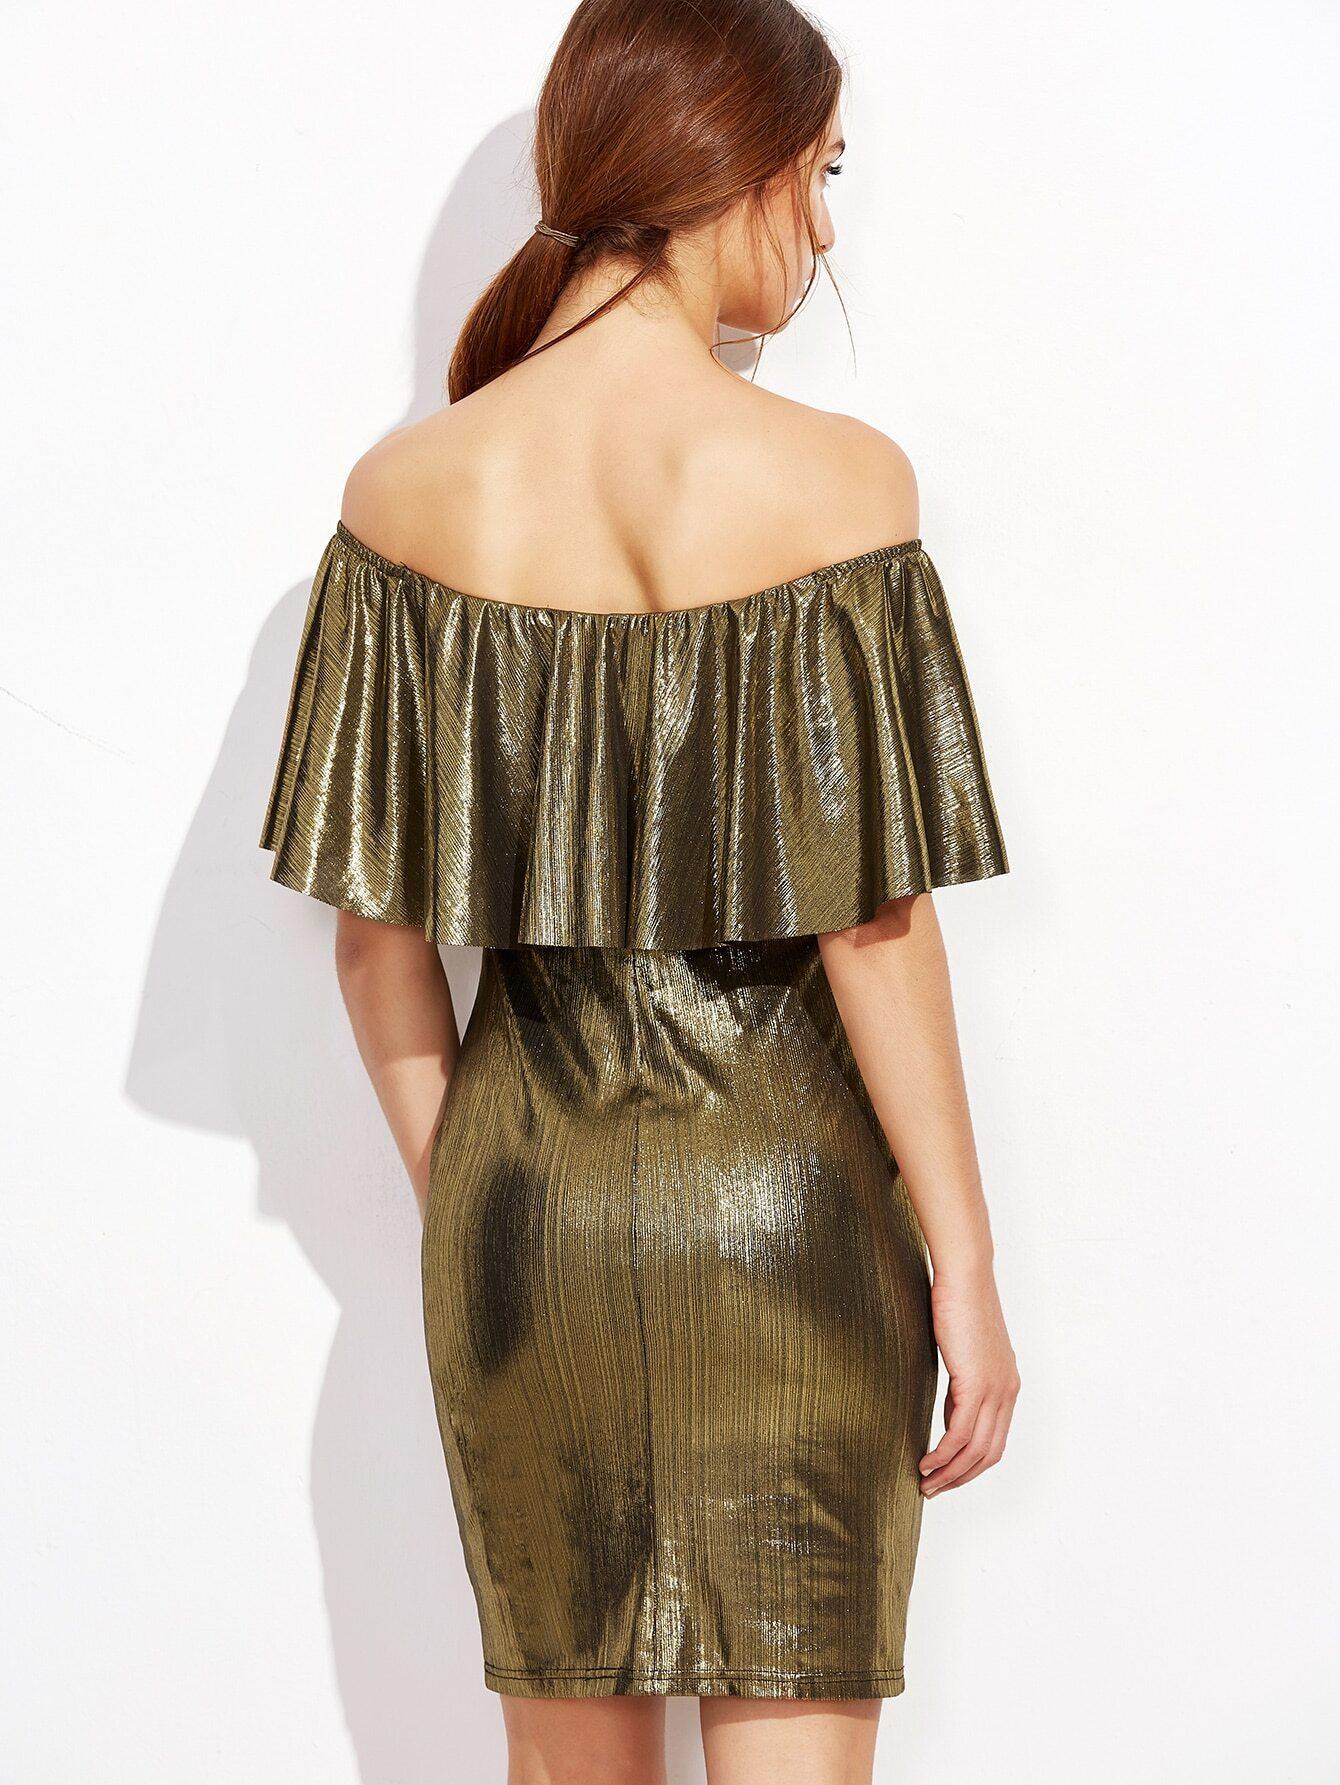 dress161011708_2